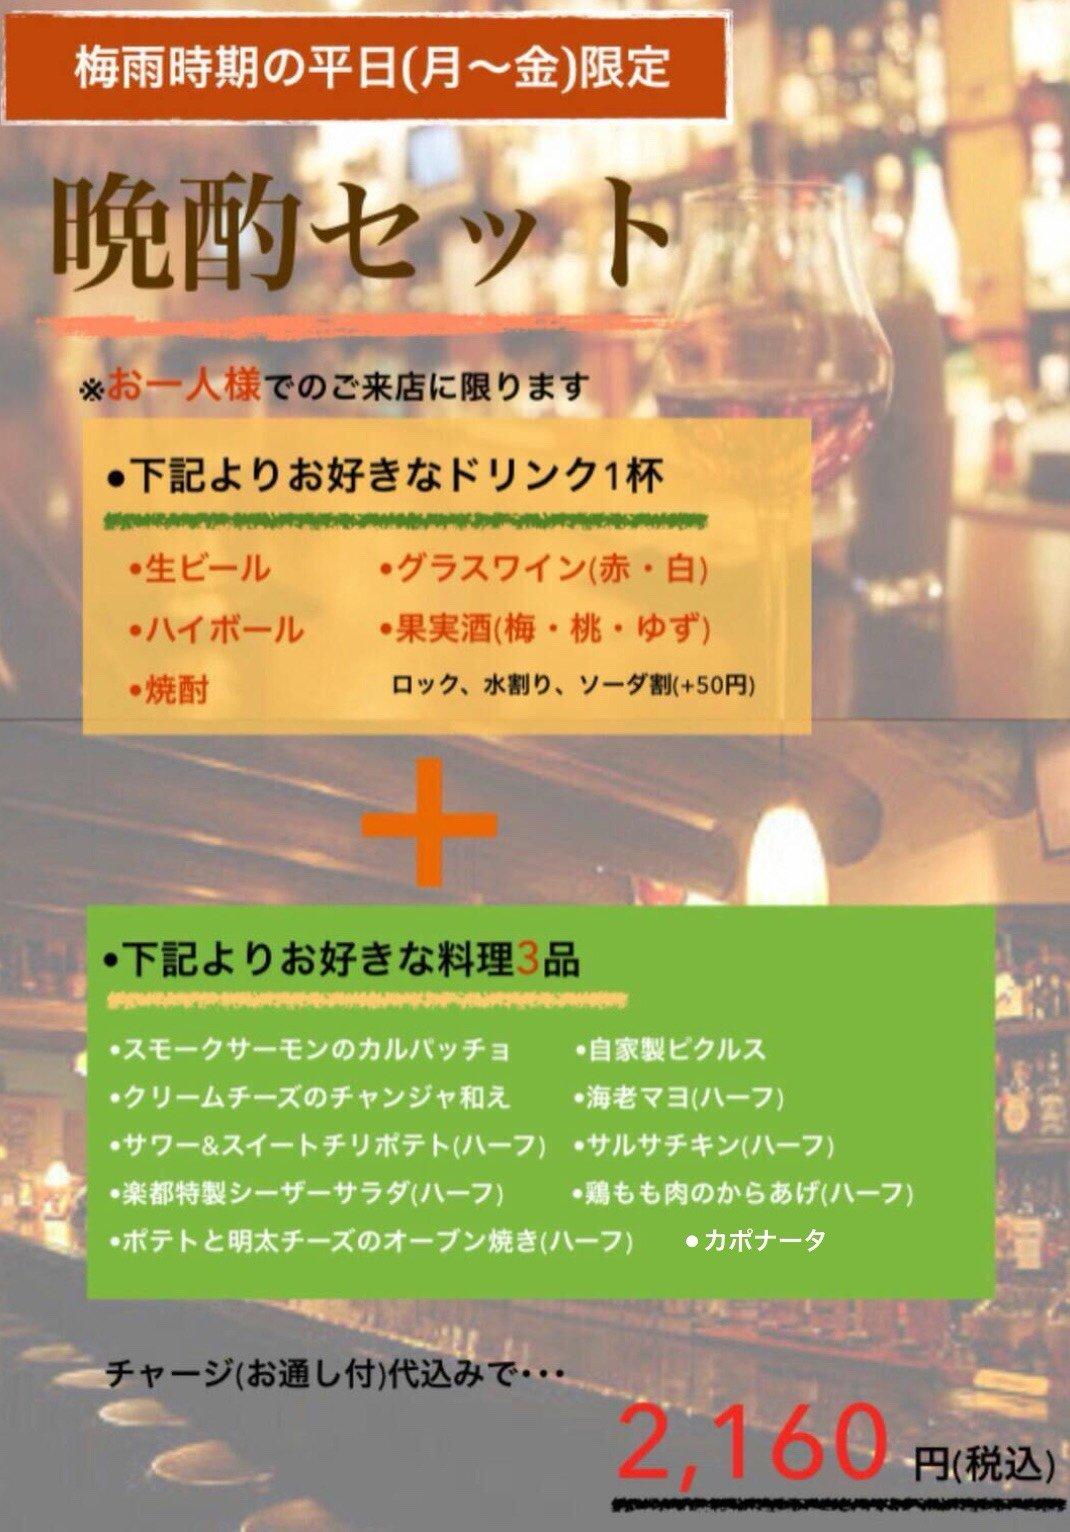 【楽都】シフト【6/12~18マデ】【ダイニングバー楽都】